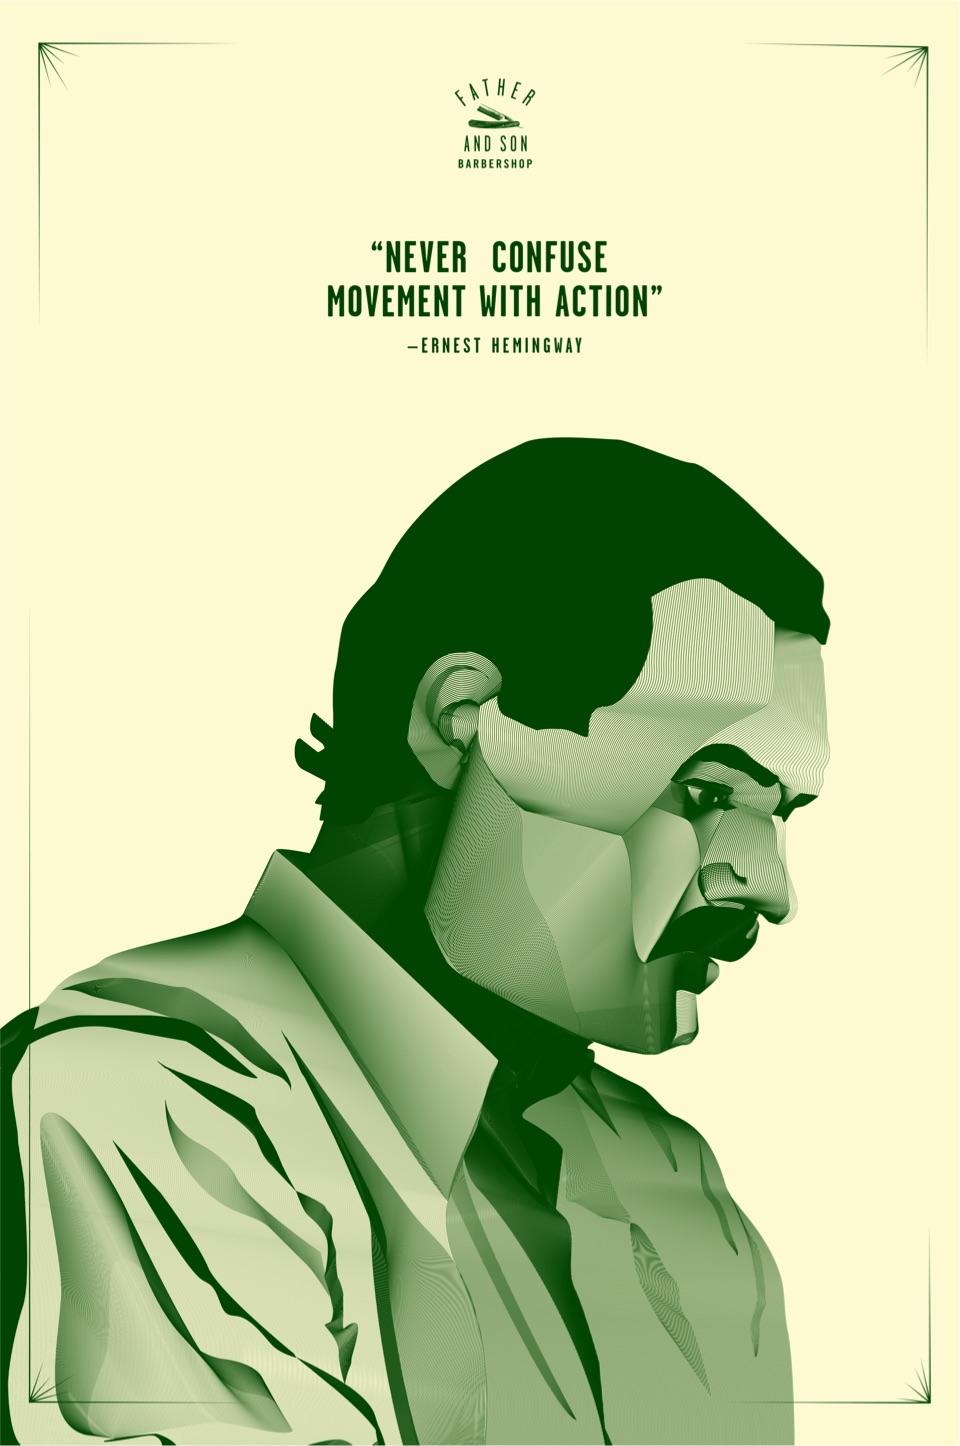 Ernest Hemingway Poster Concept